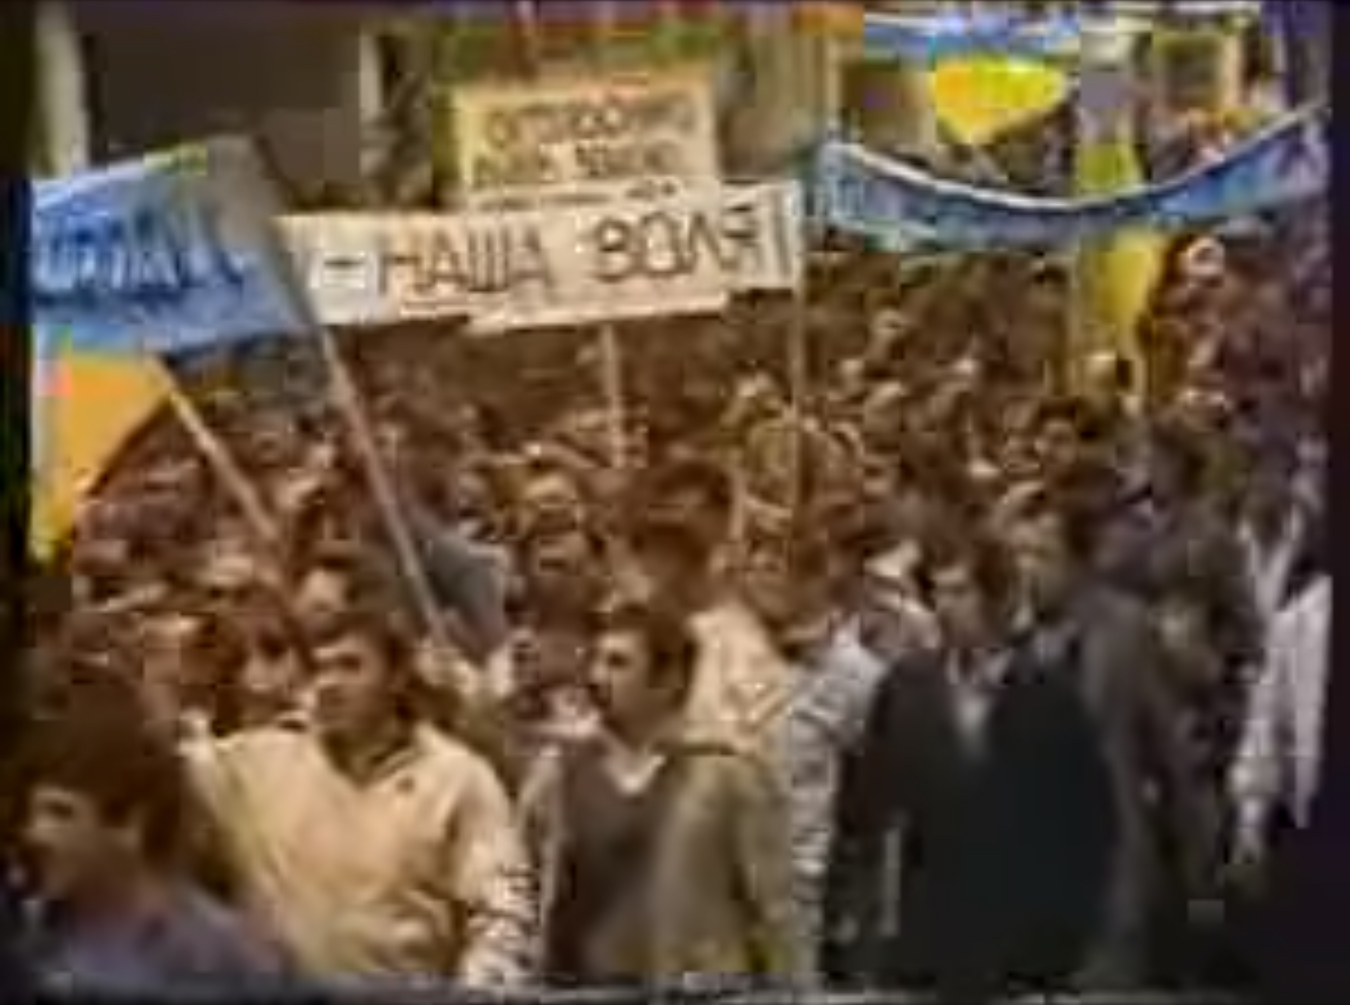 1 травня 30 років тому – перша демонстрація з синьо-жовтими прапорами (відео) - українці, Україна, Львів - z1556696860a14i